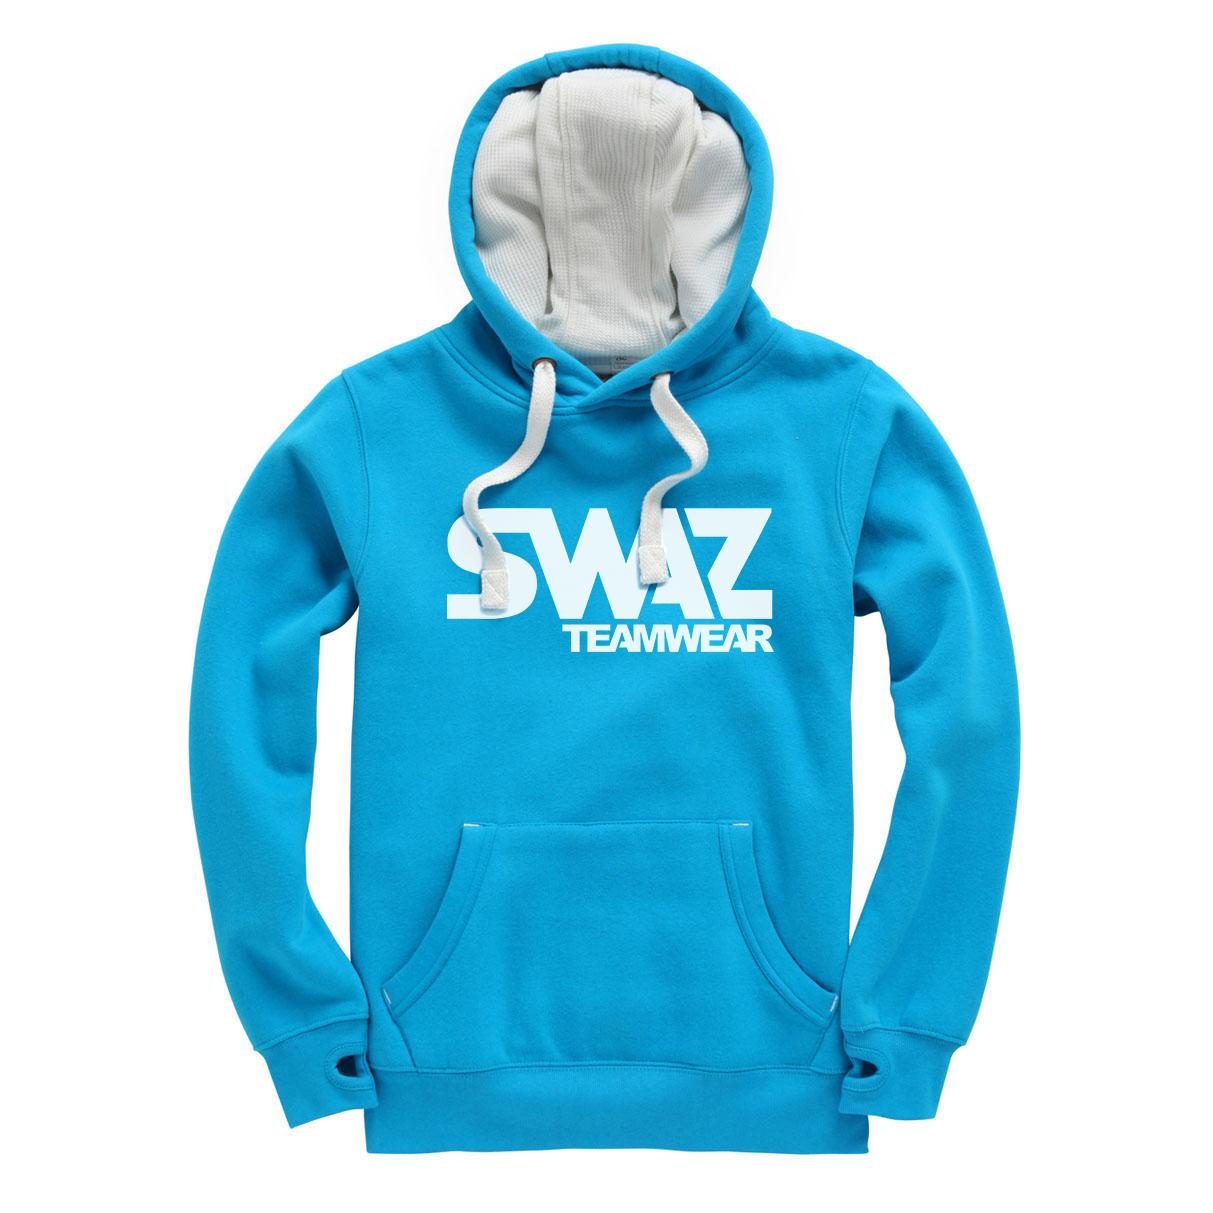 SWAZ Teamwear Classic Hoody – Malibu